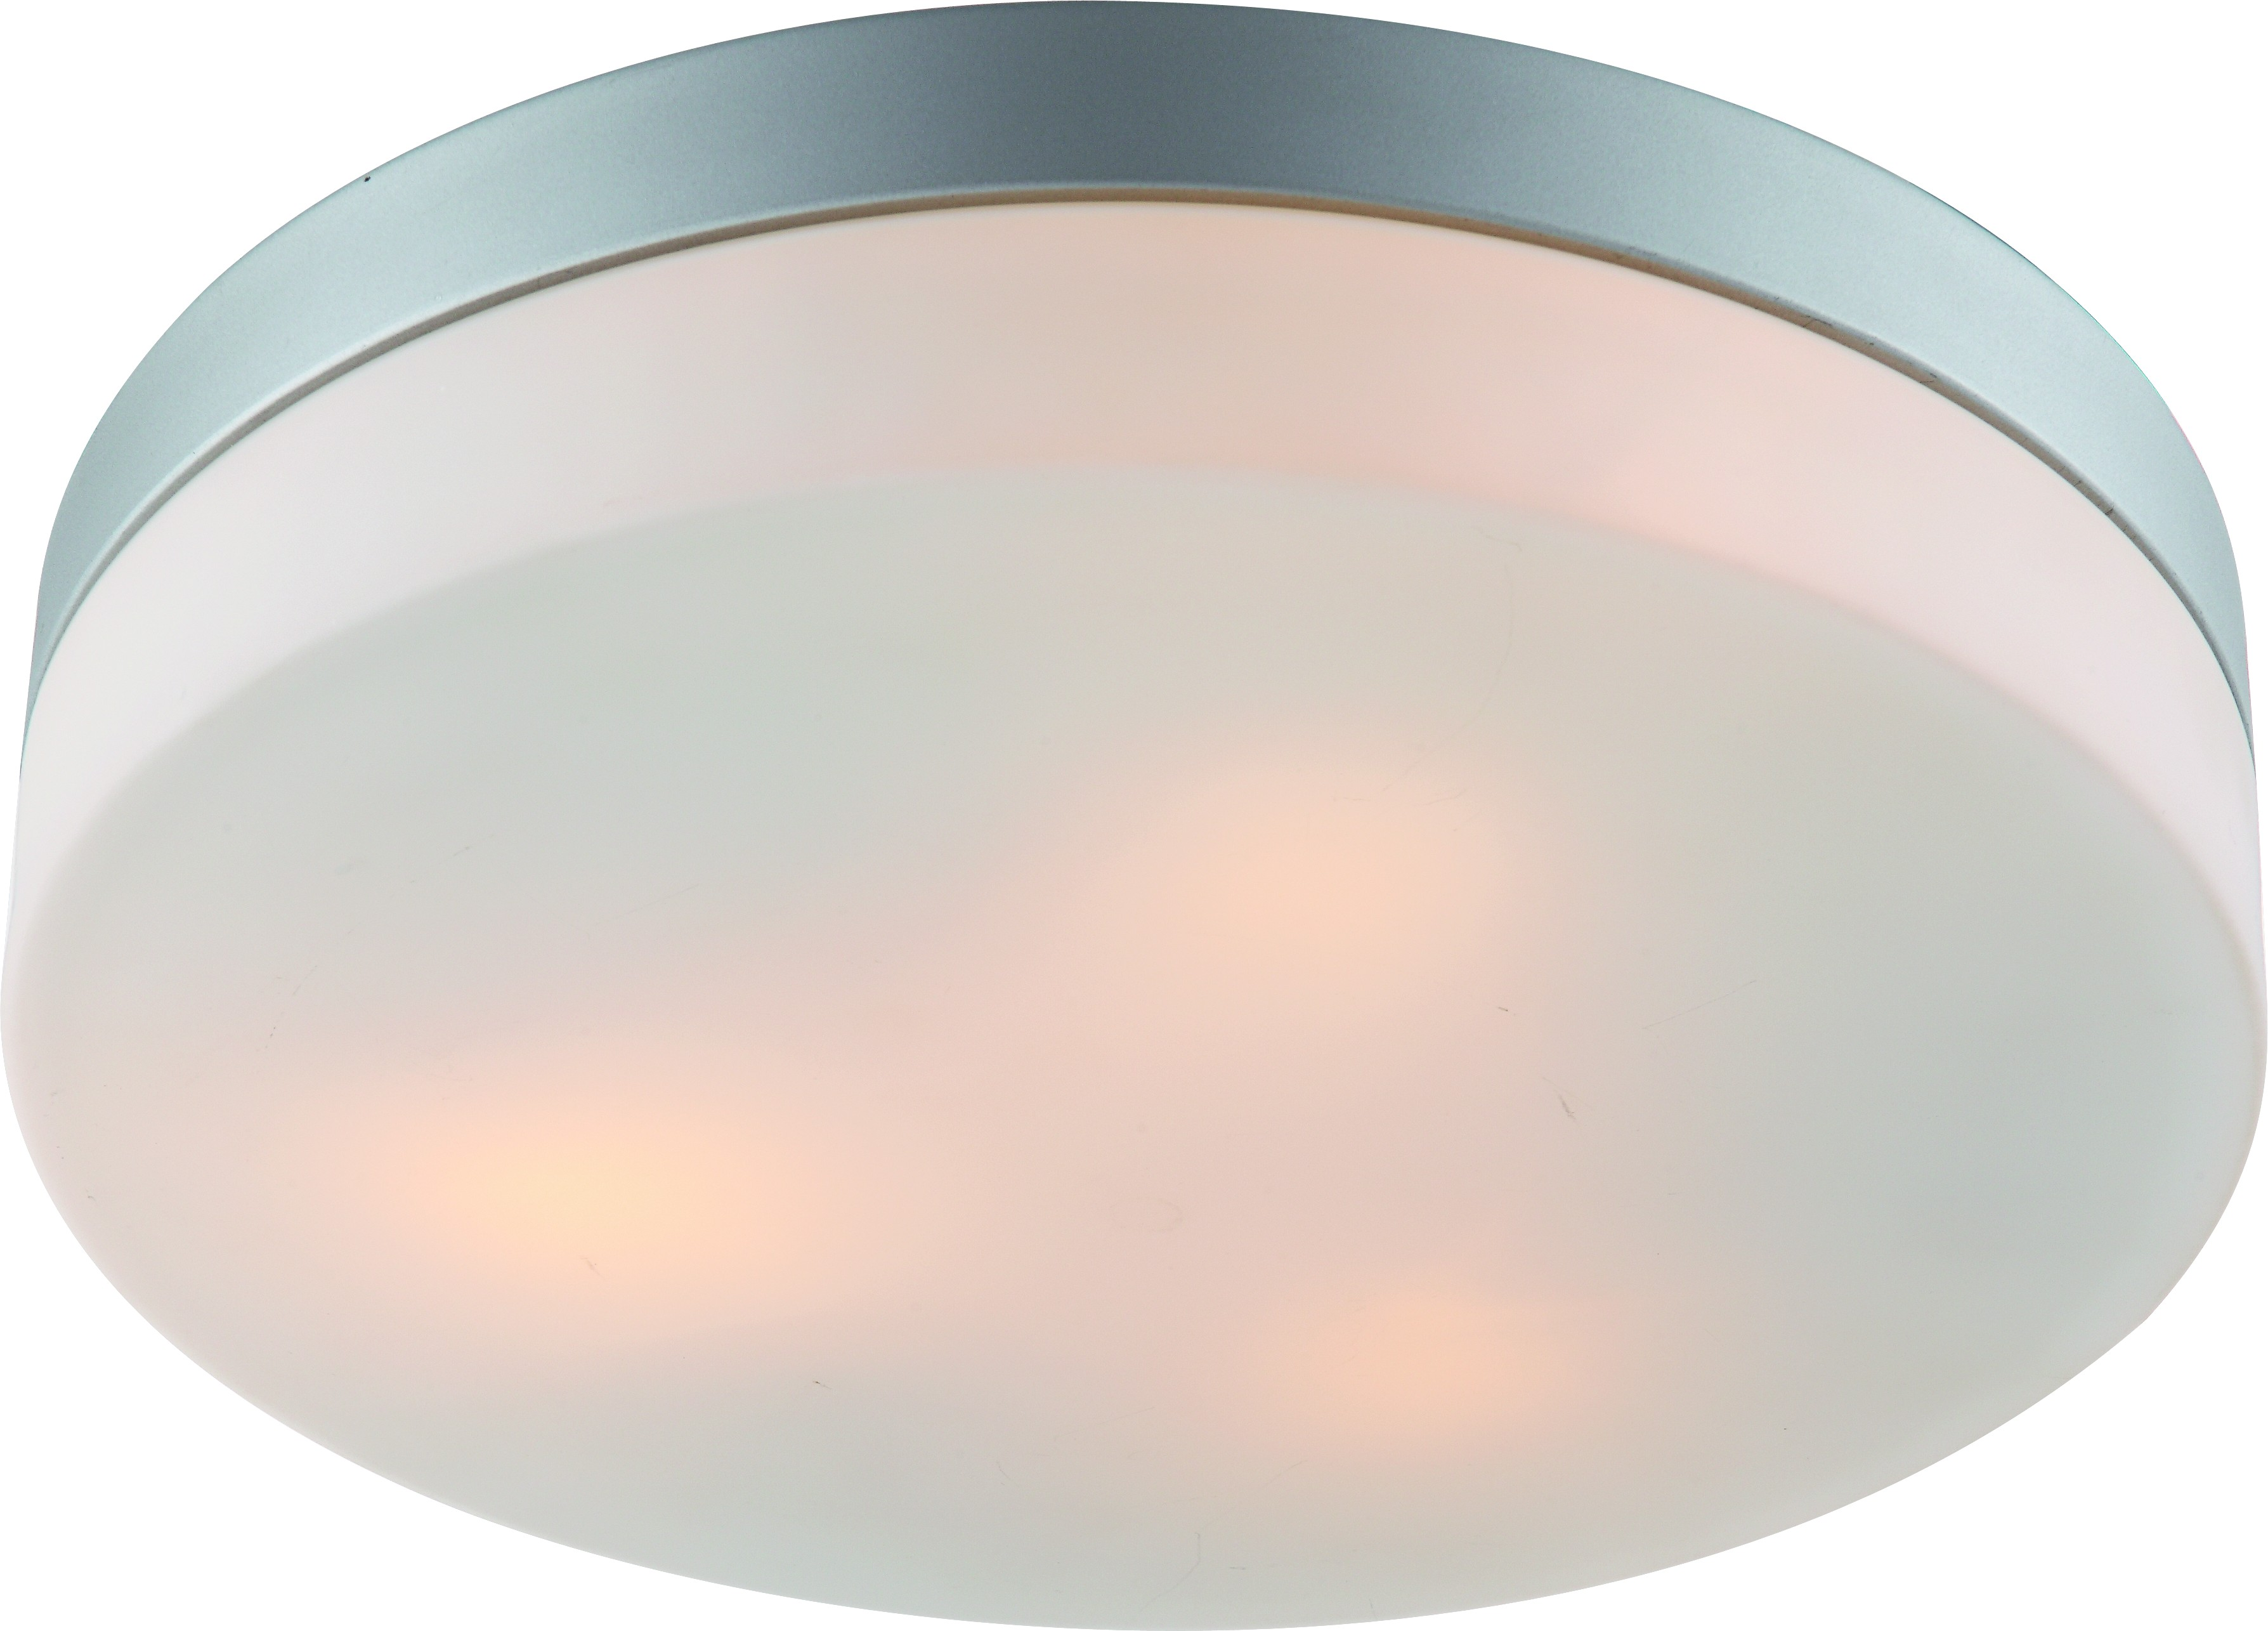 Светильник настенно-потолочный Arte lamp A3211pl-3si светильник настенно потолочный arte lamp a3211pl 3si